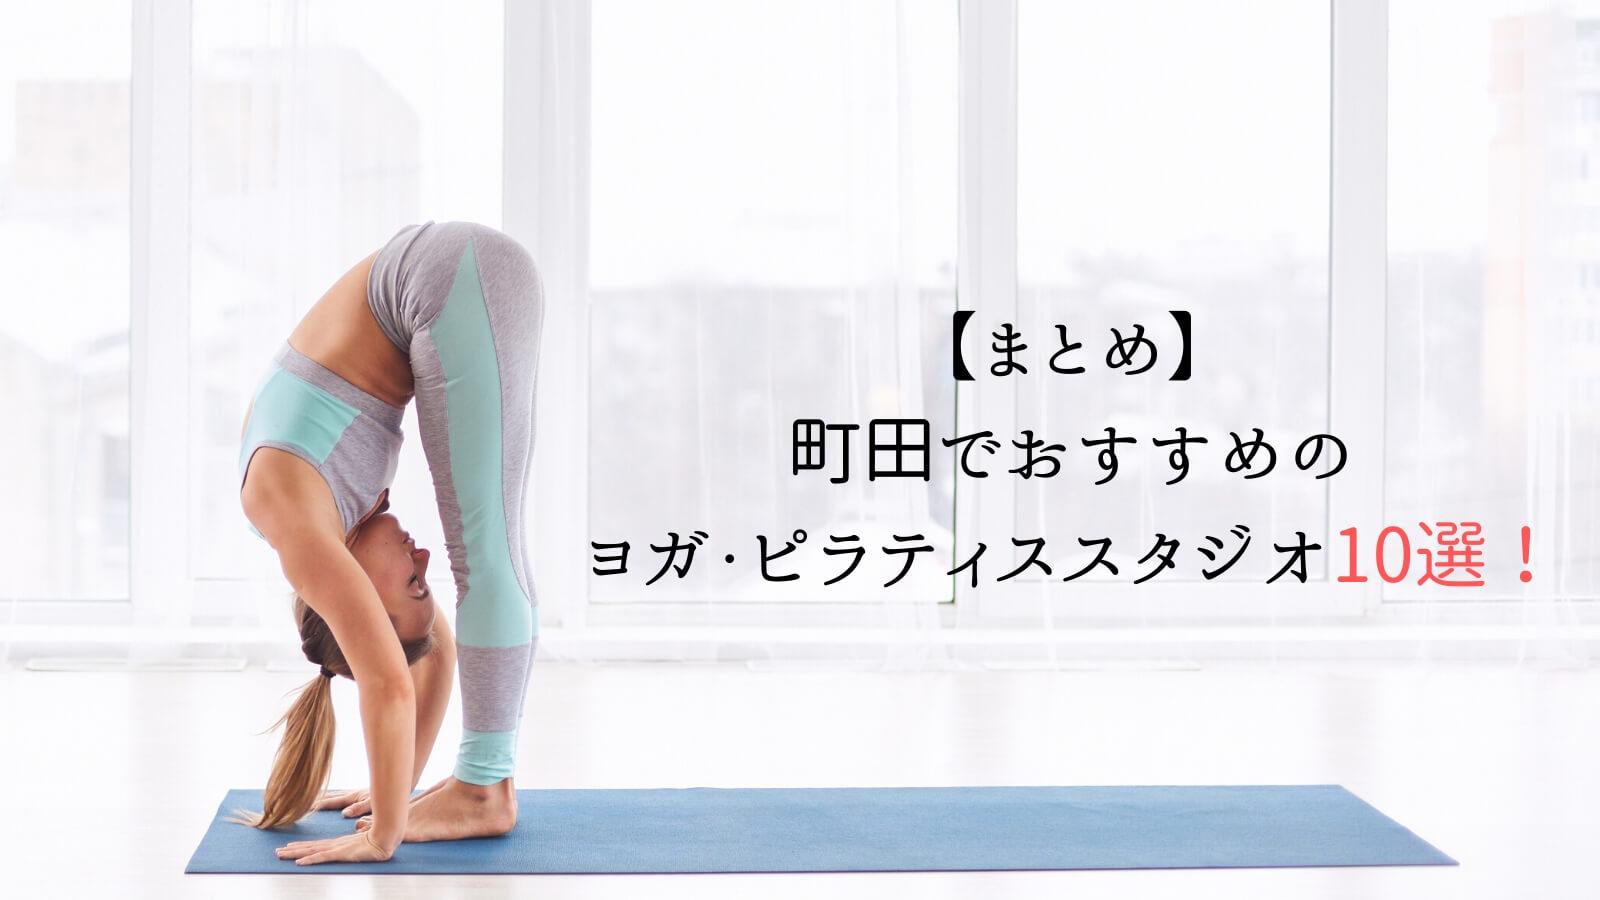 【まとめ】町田でおすすめのヨガ・ピラティススタジオ10選